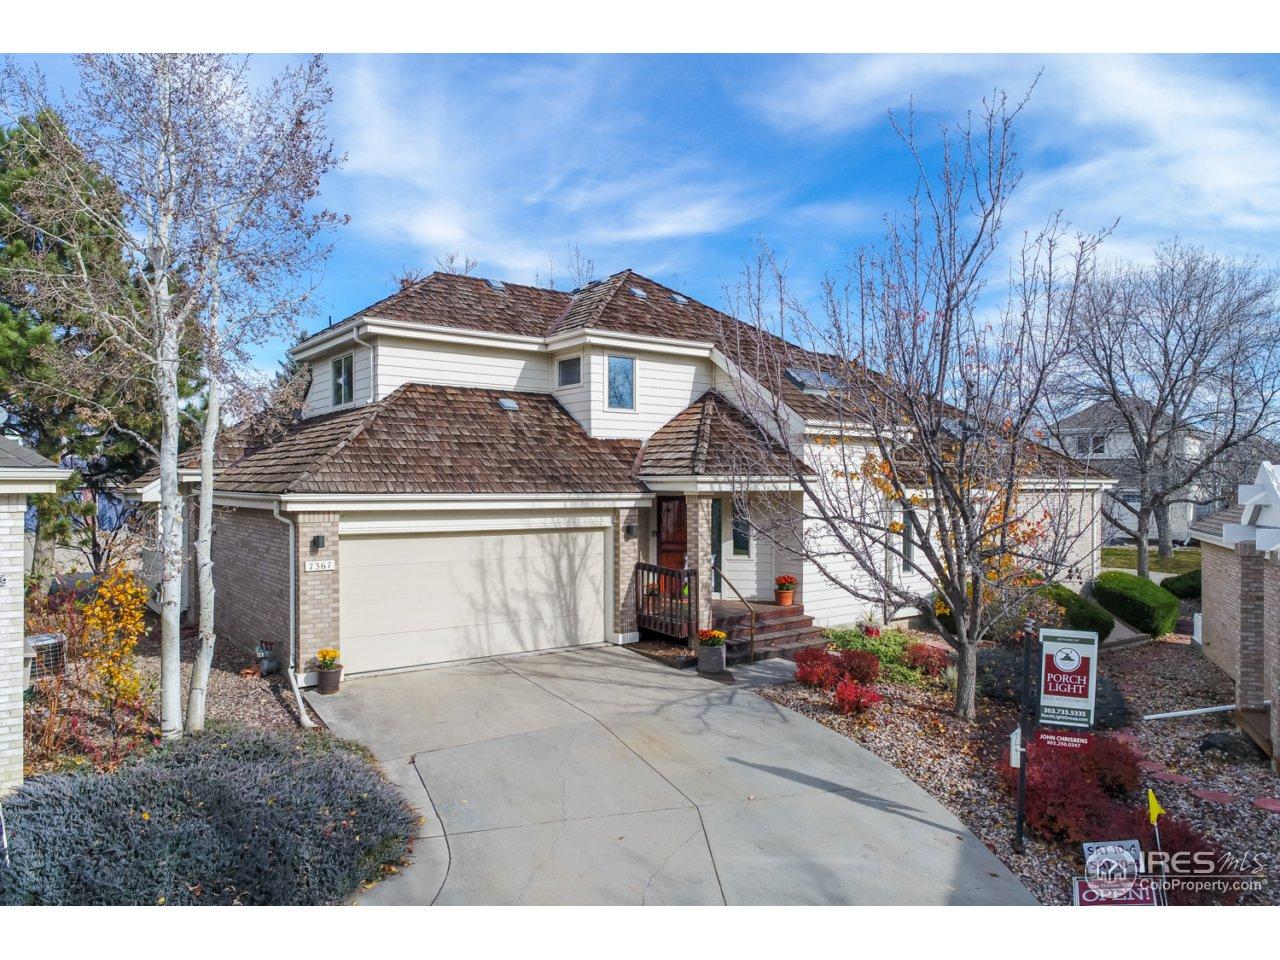 7367 Windsor Dr, Boulder CO 80301